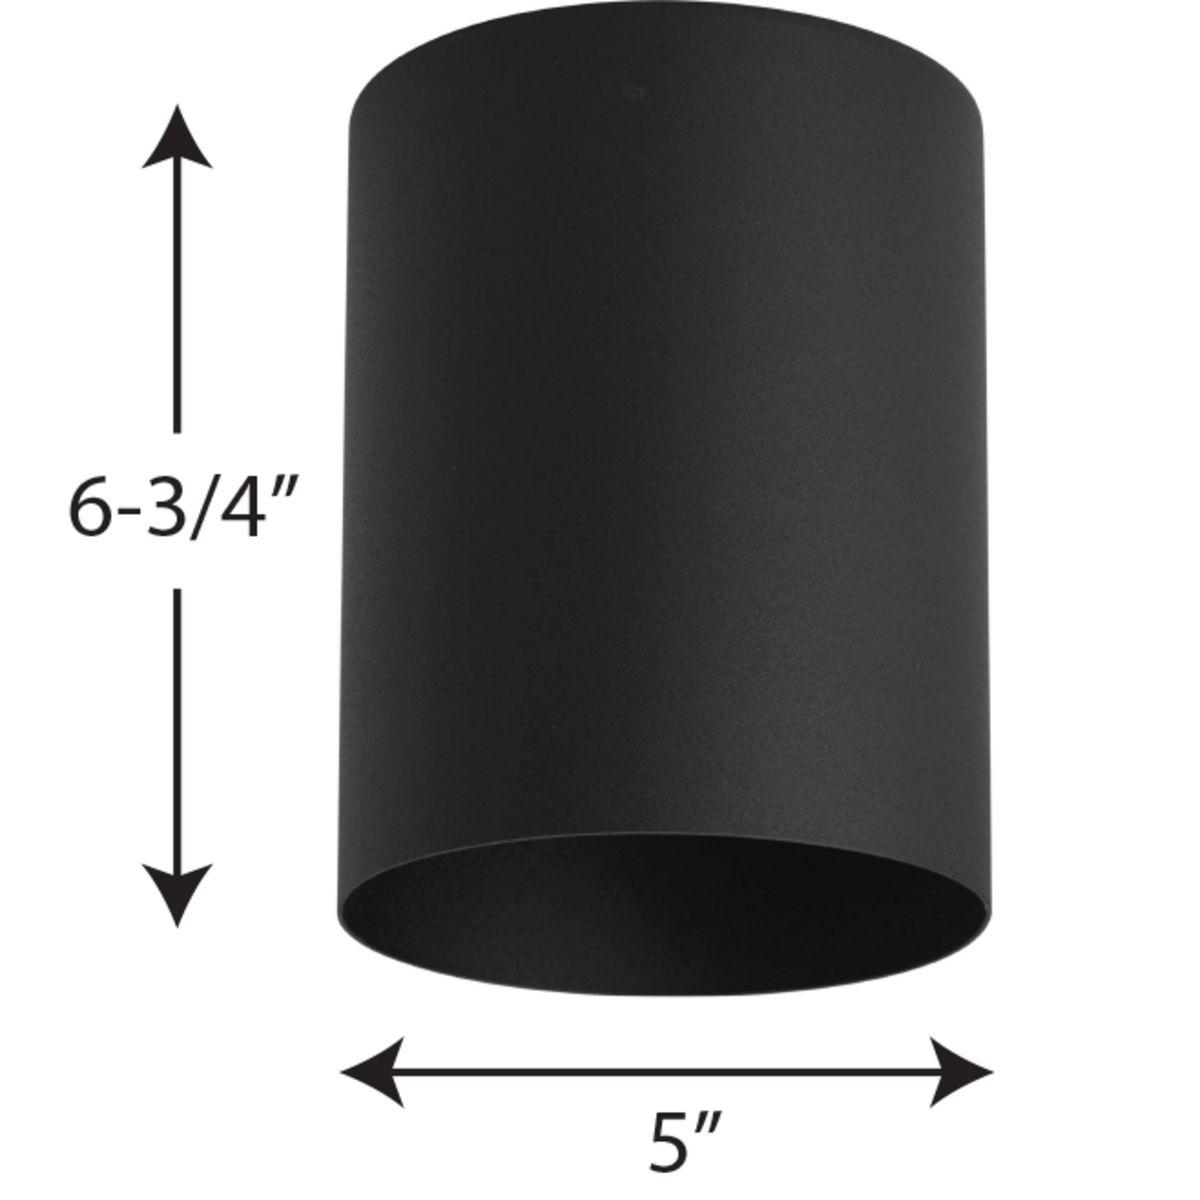 5 black outdoor ceiling mount cylinder